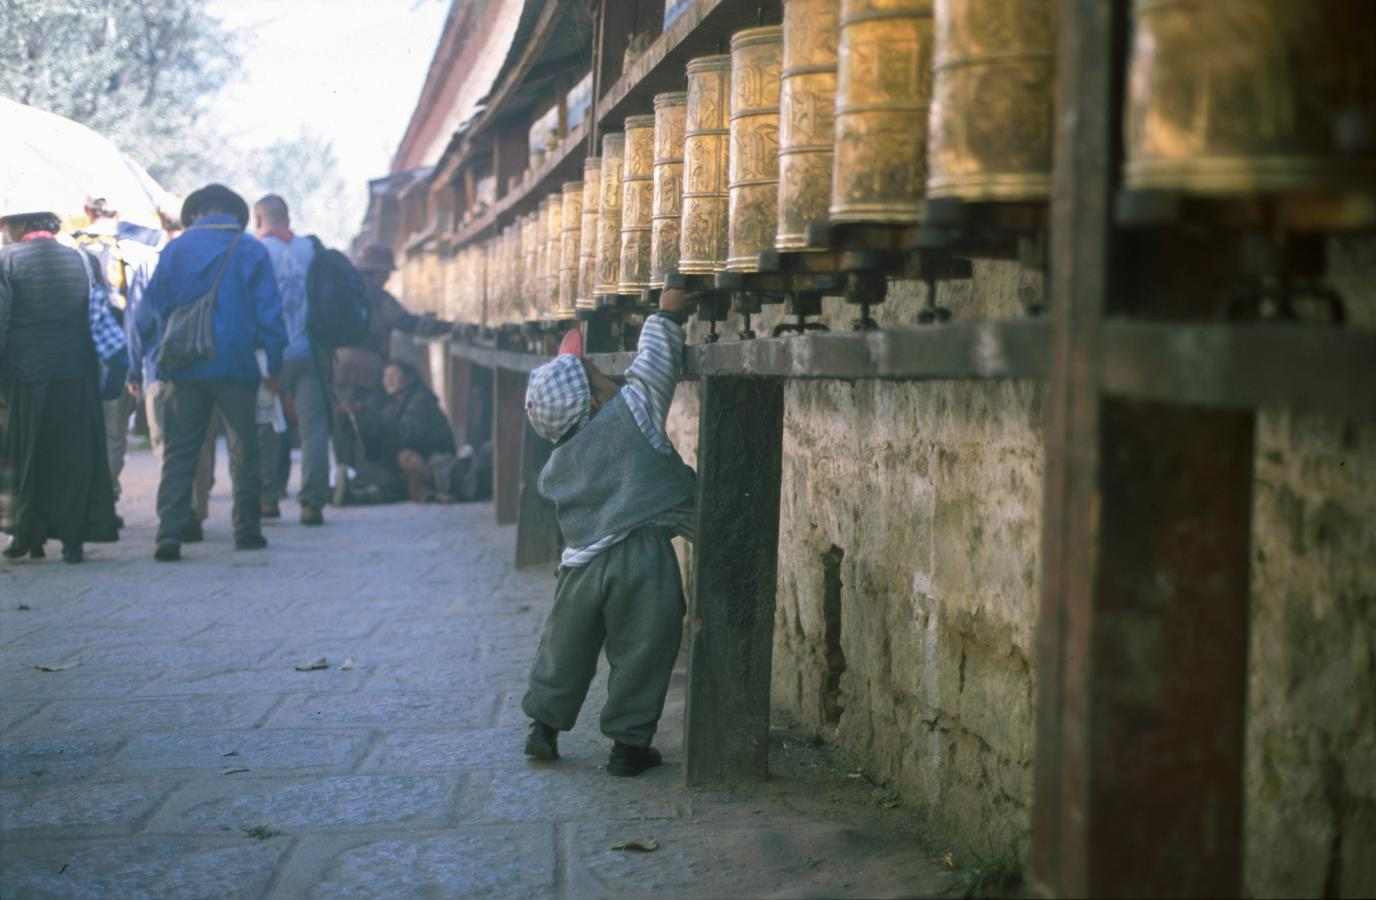 around-the-potala-palace-lhasa-tibet-2000